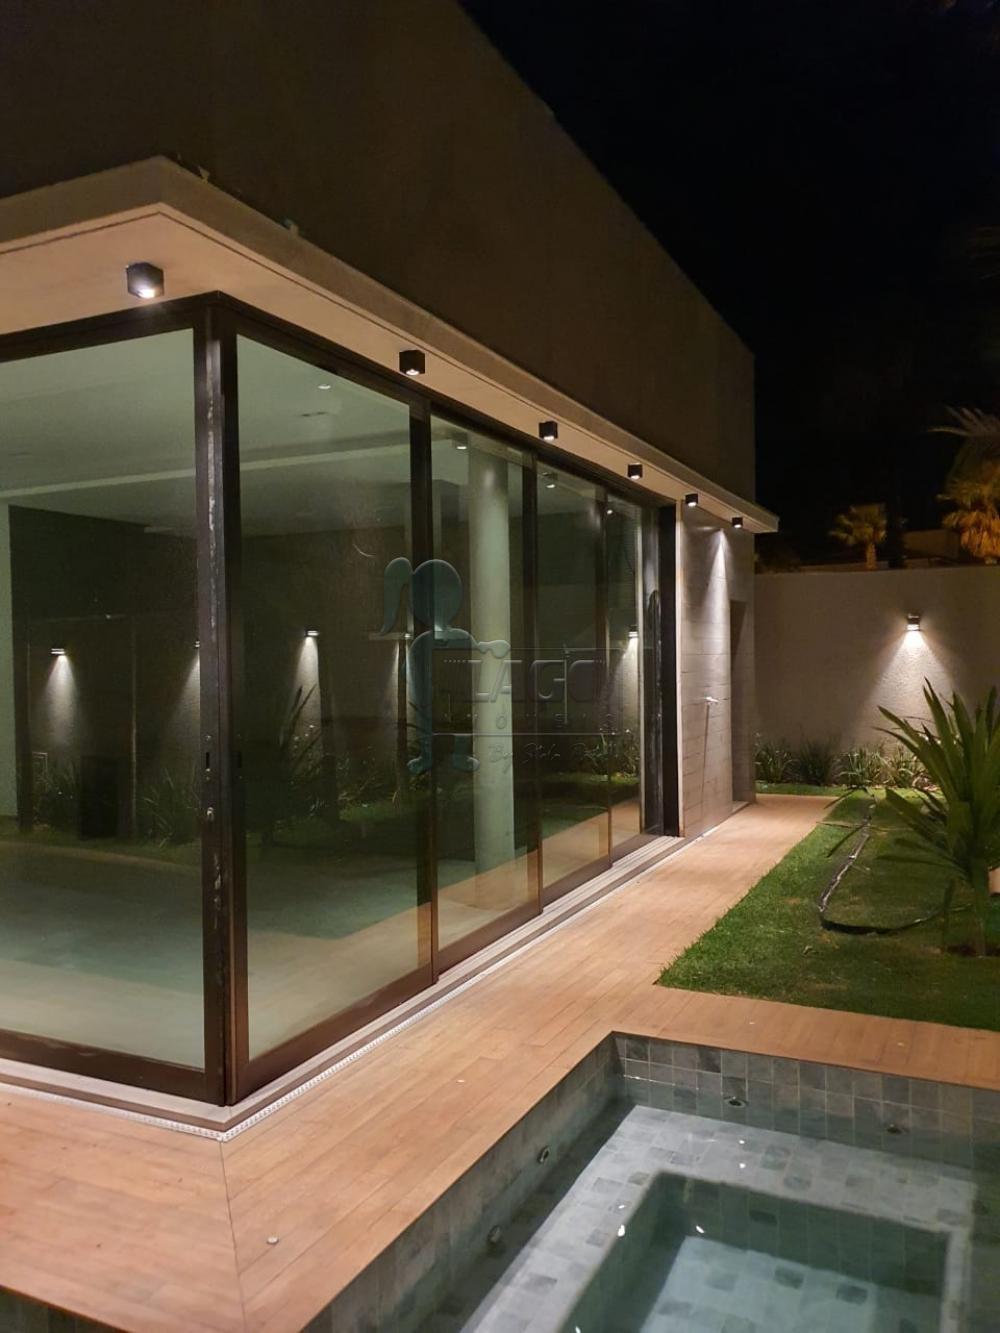 Comprar Casas / Condomínio em Bonfim Paulista apenas R$ 2.500.000,00 - Foto 5